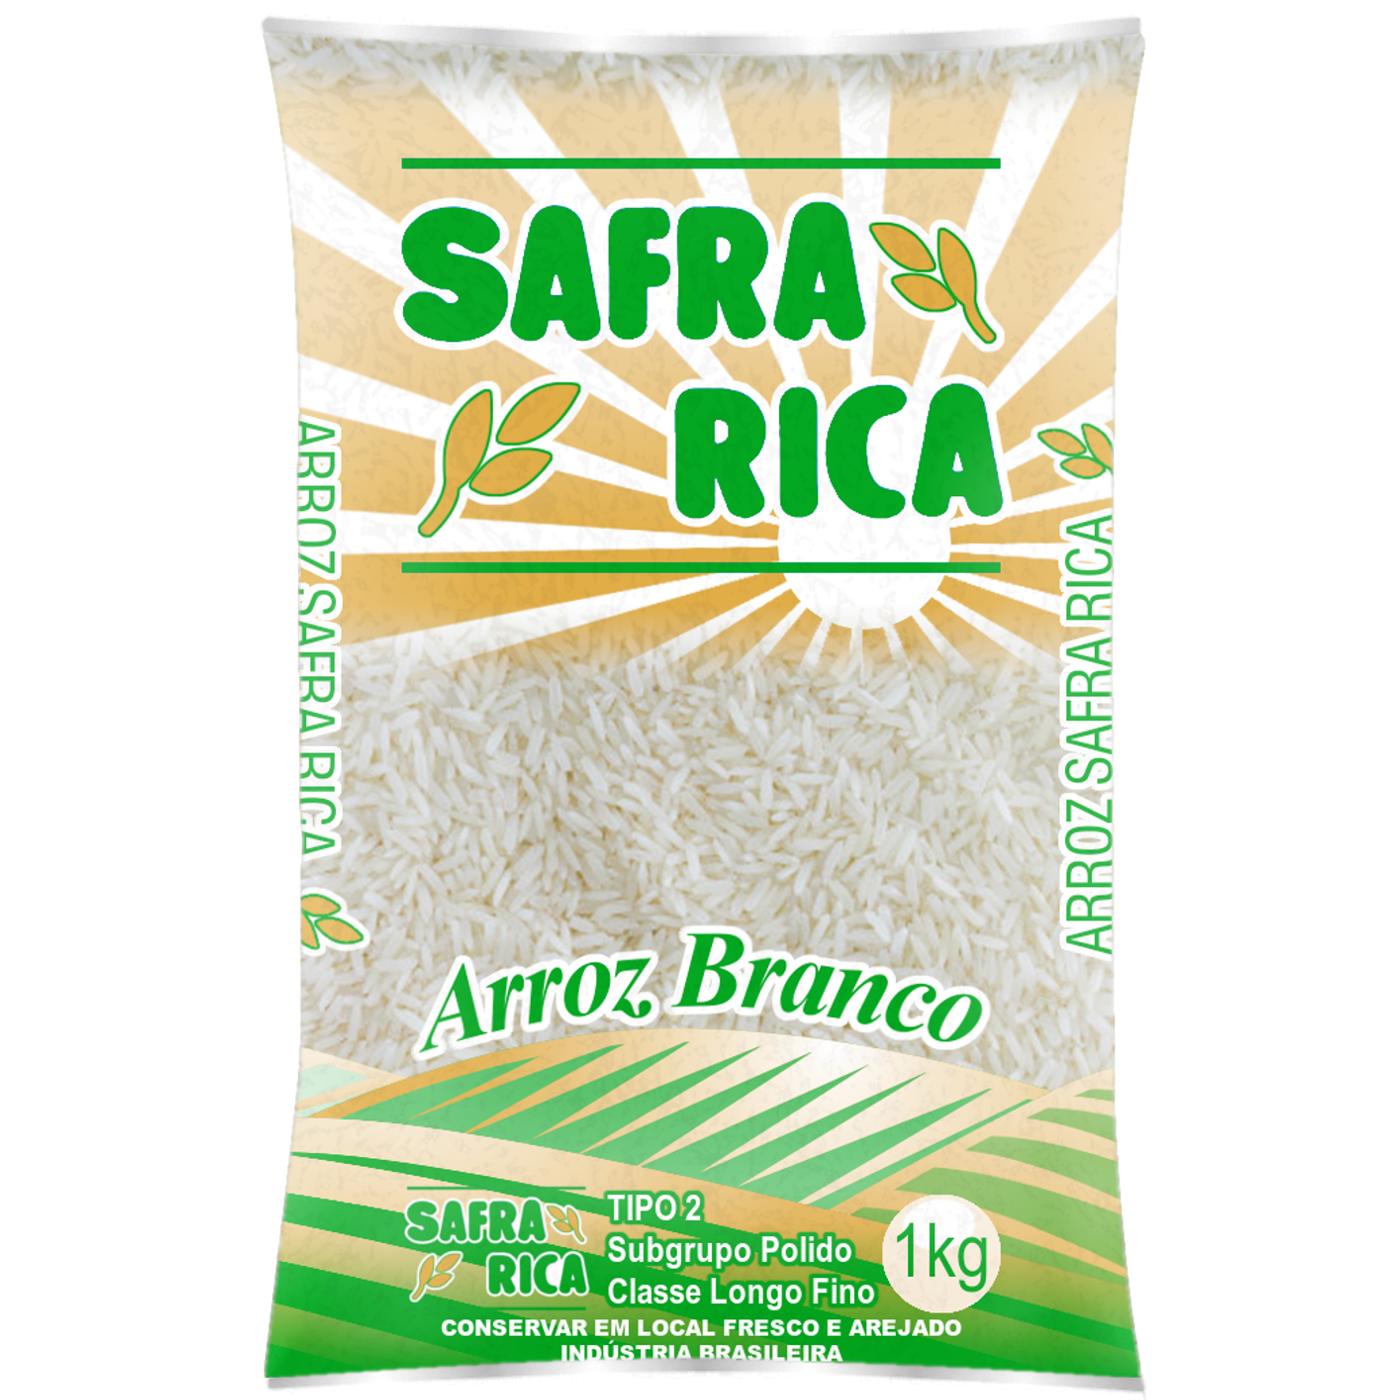 7898678530096 - ARROZ SAFRA RICA BRANCO TIPO 2 1KG